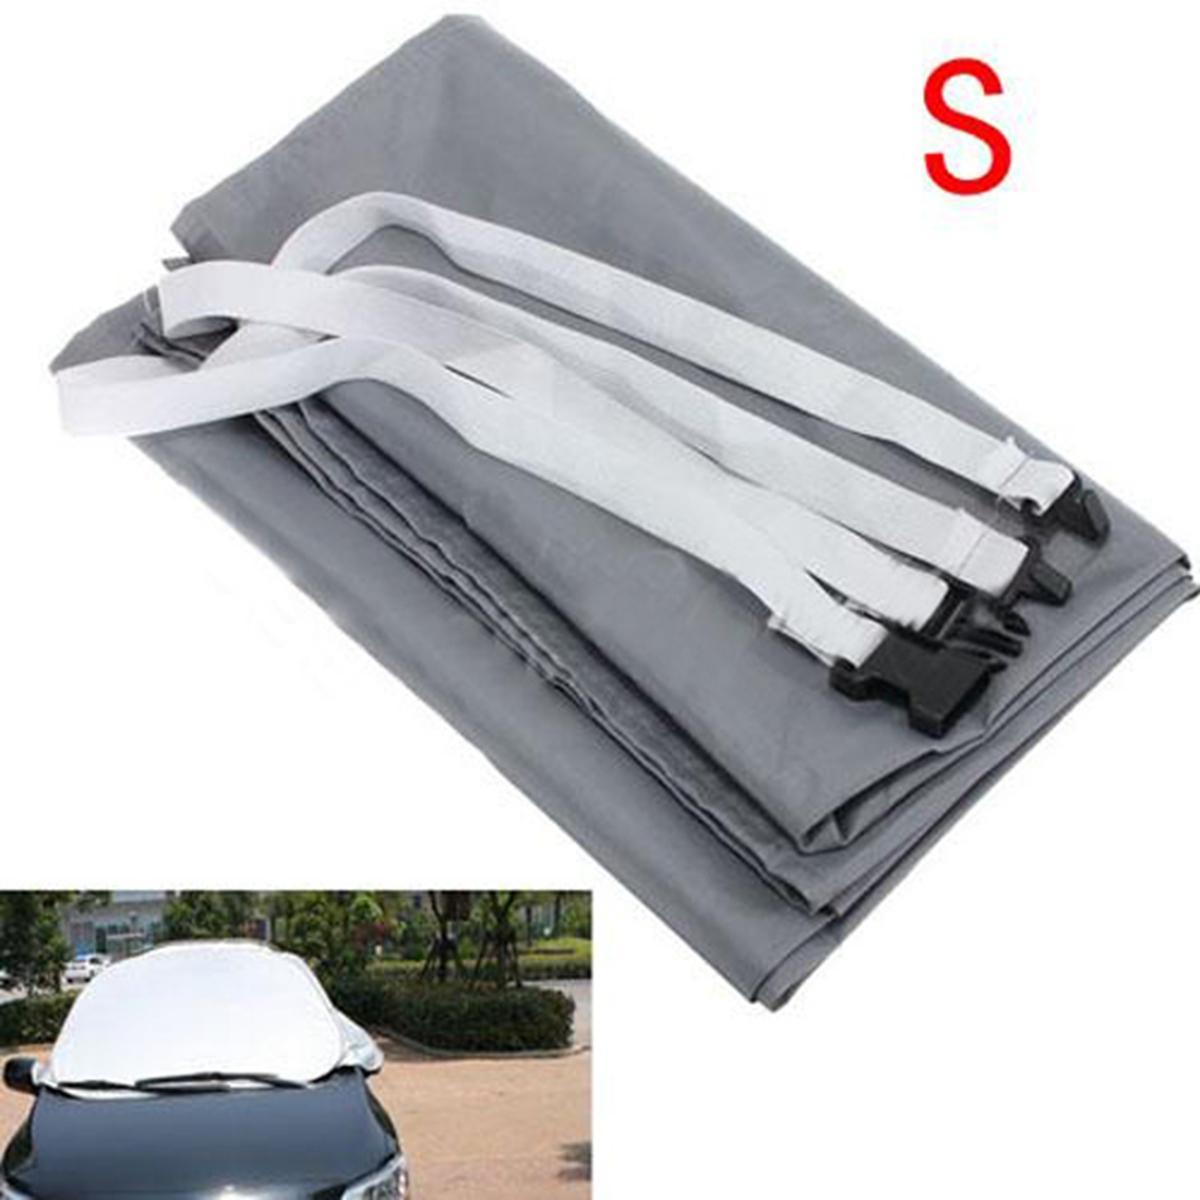 Универсальный S/M / L автомобиль ветровое стекло зонт крышка снег лед защита от Солнца морозостойкий щит пылезащитный 150x70cm